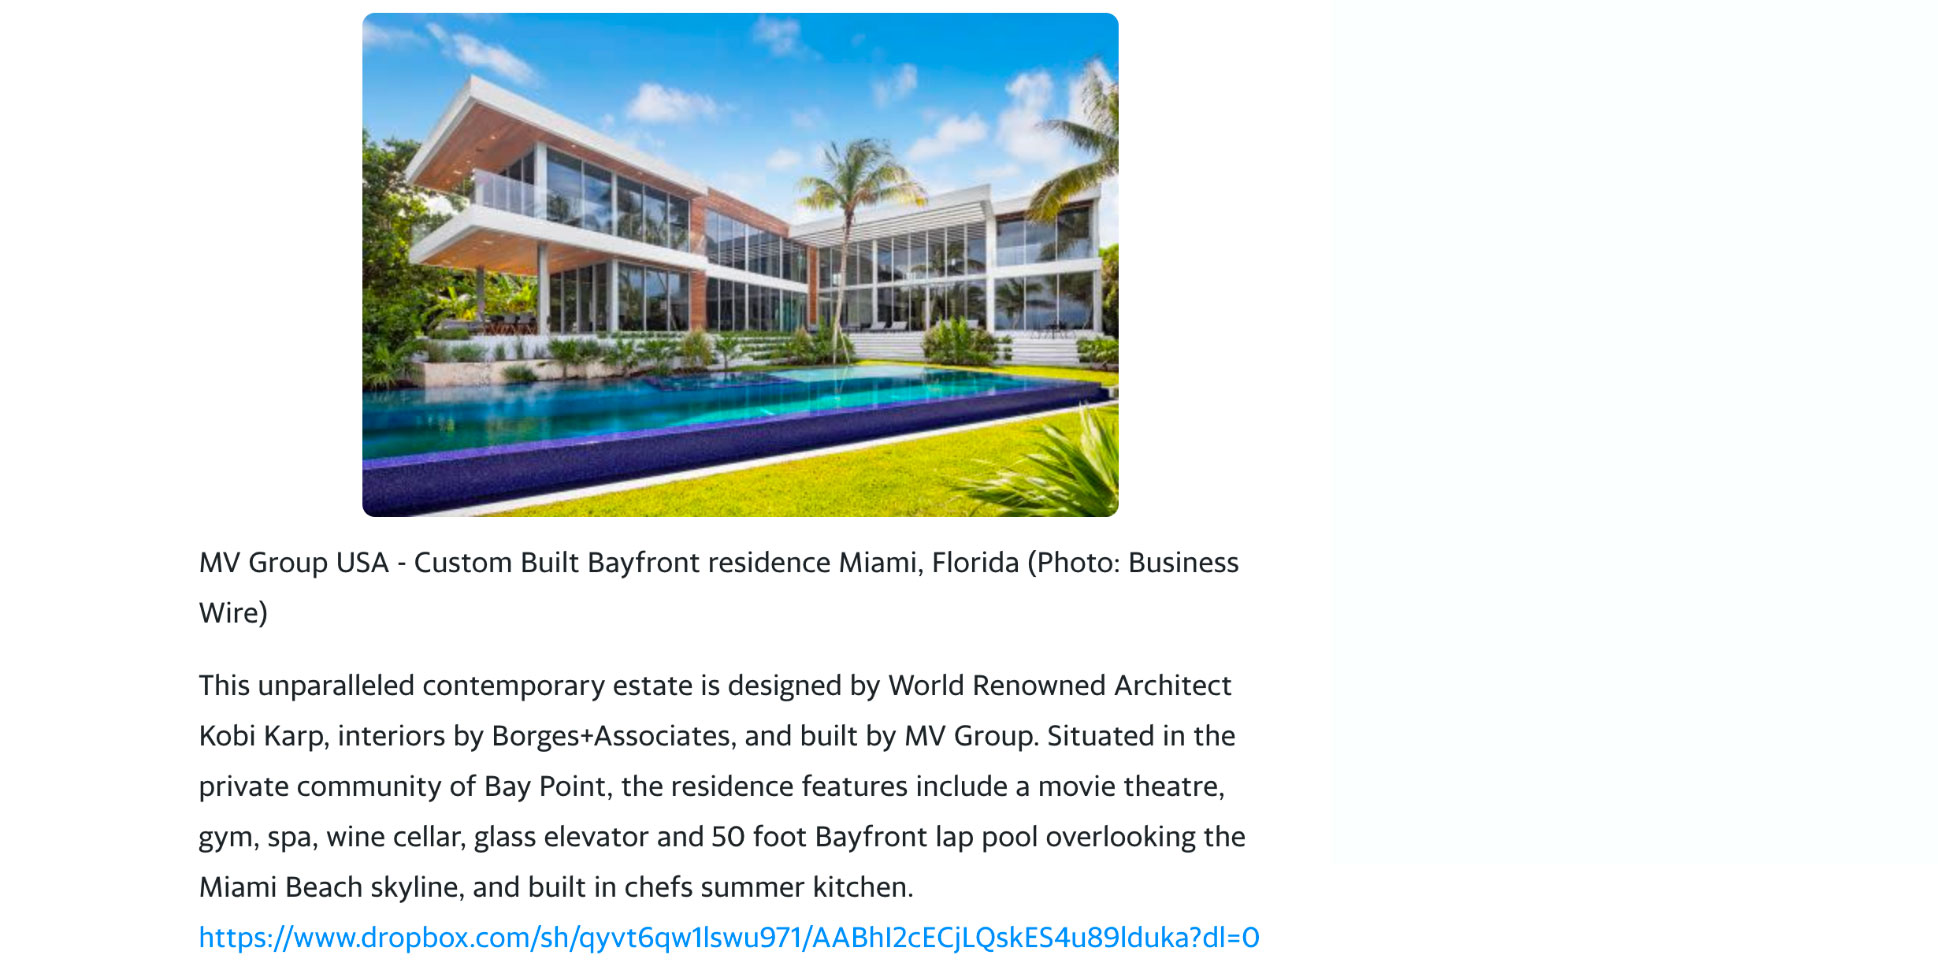 Yahoo – MV Group Usa Built Bayfront New Construction Mansion Hits Market at $20,000,000